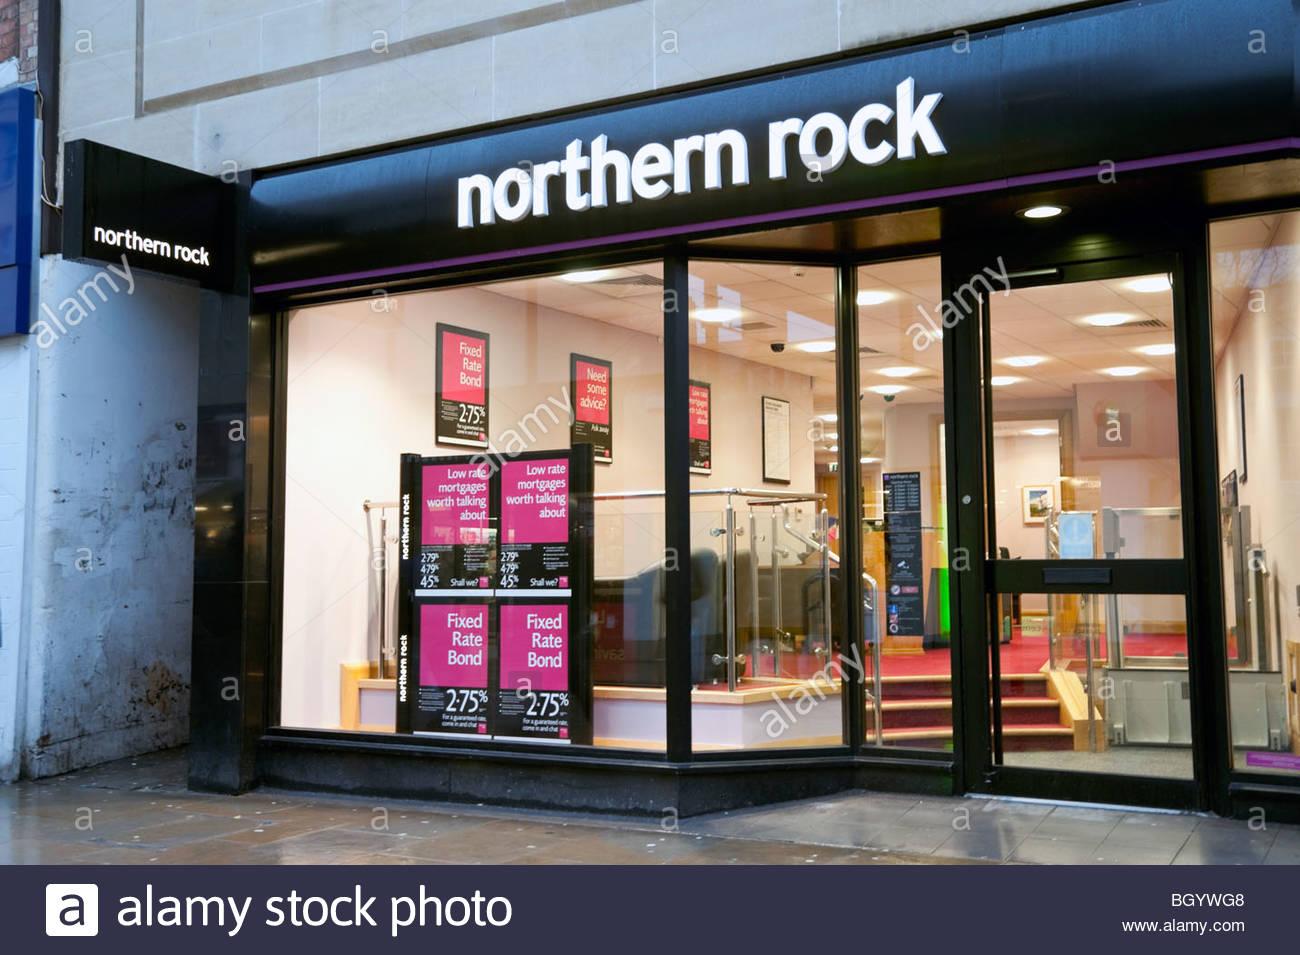 La banque Northern Rock à Cheltenham, Royaume-Uni. La construction de la société Northern Rock, GB. Photo Stock